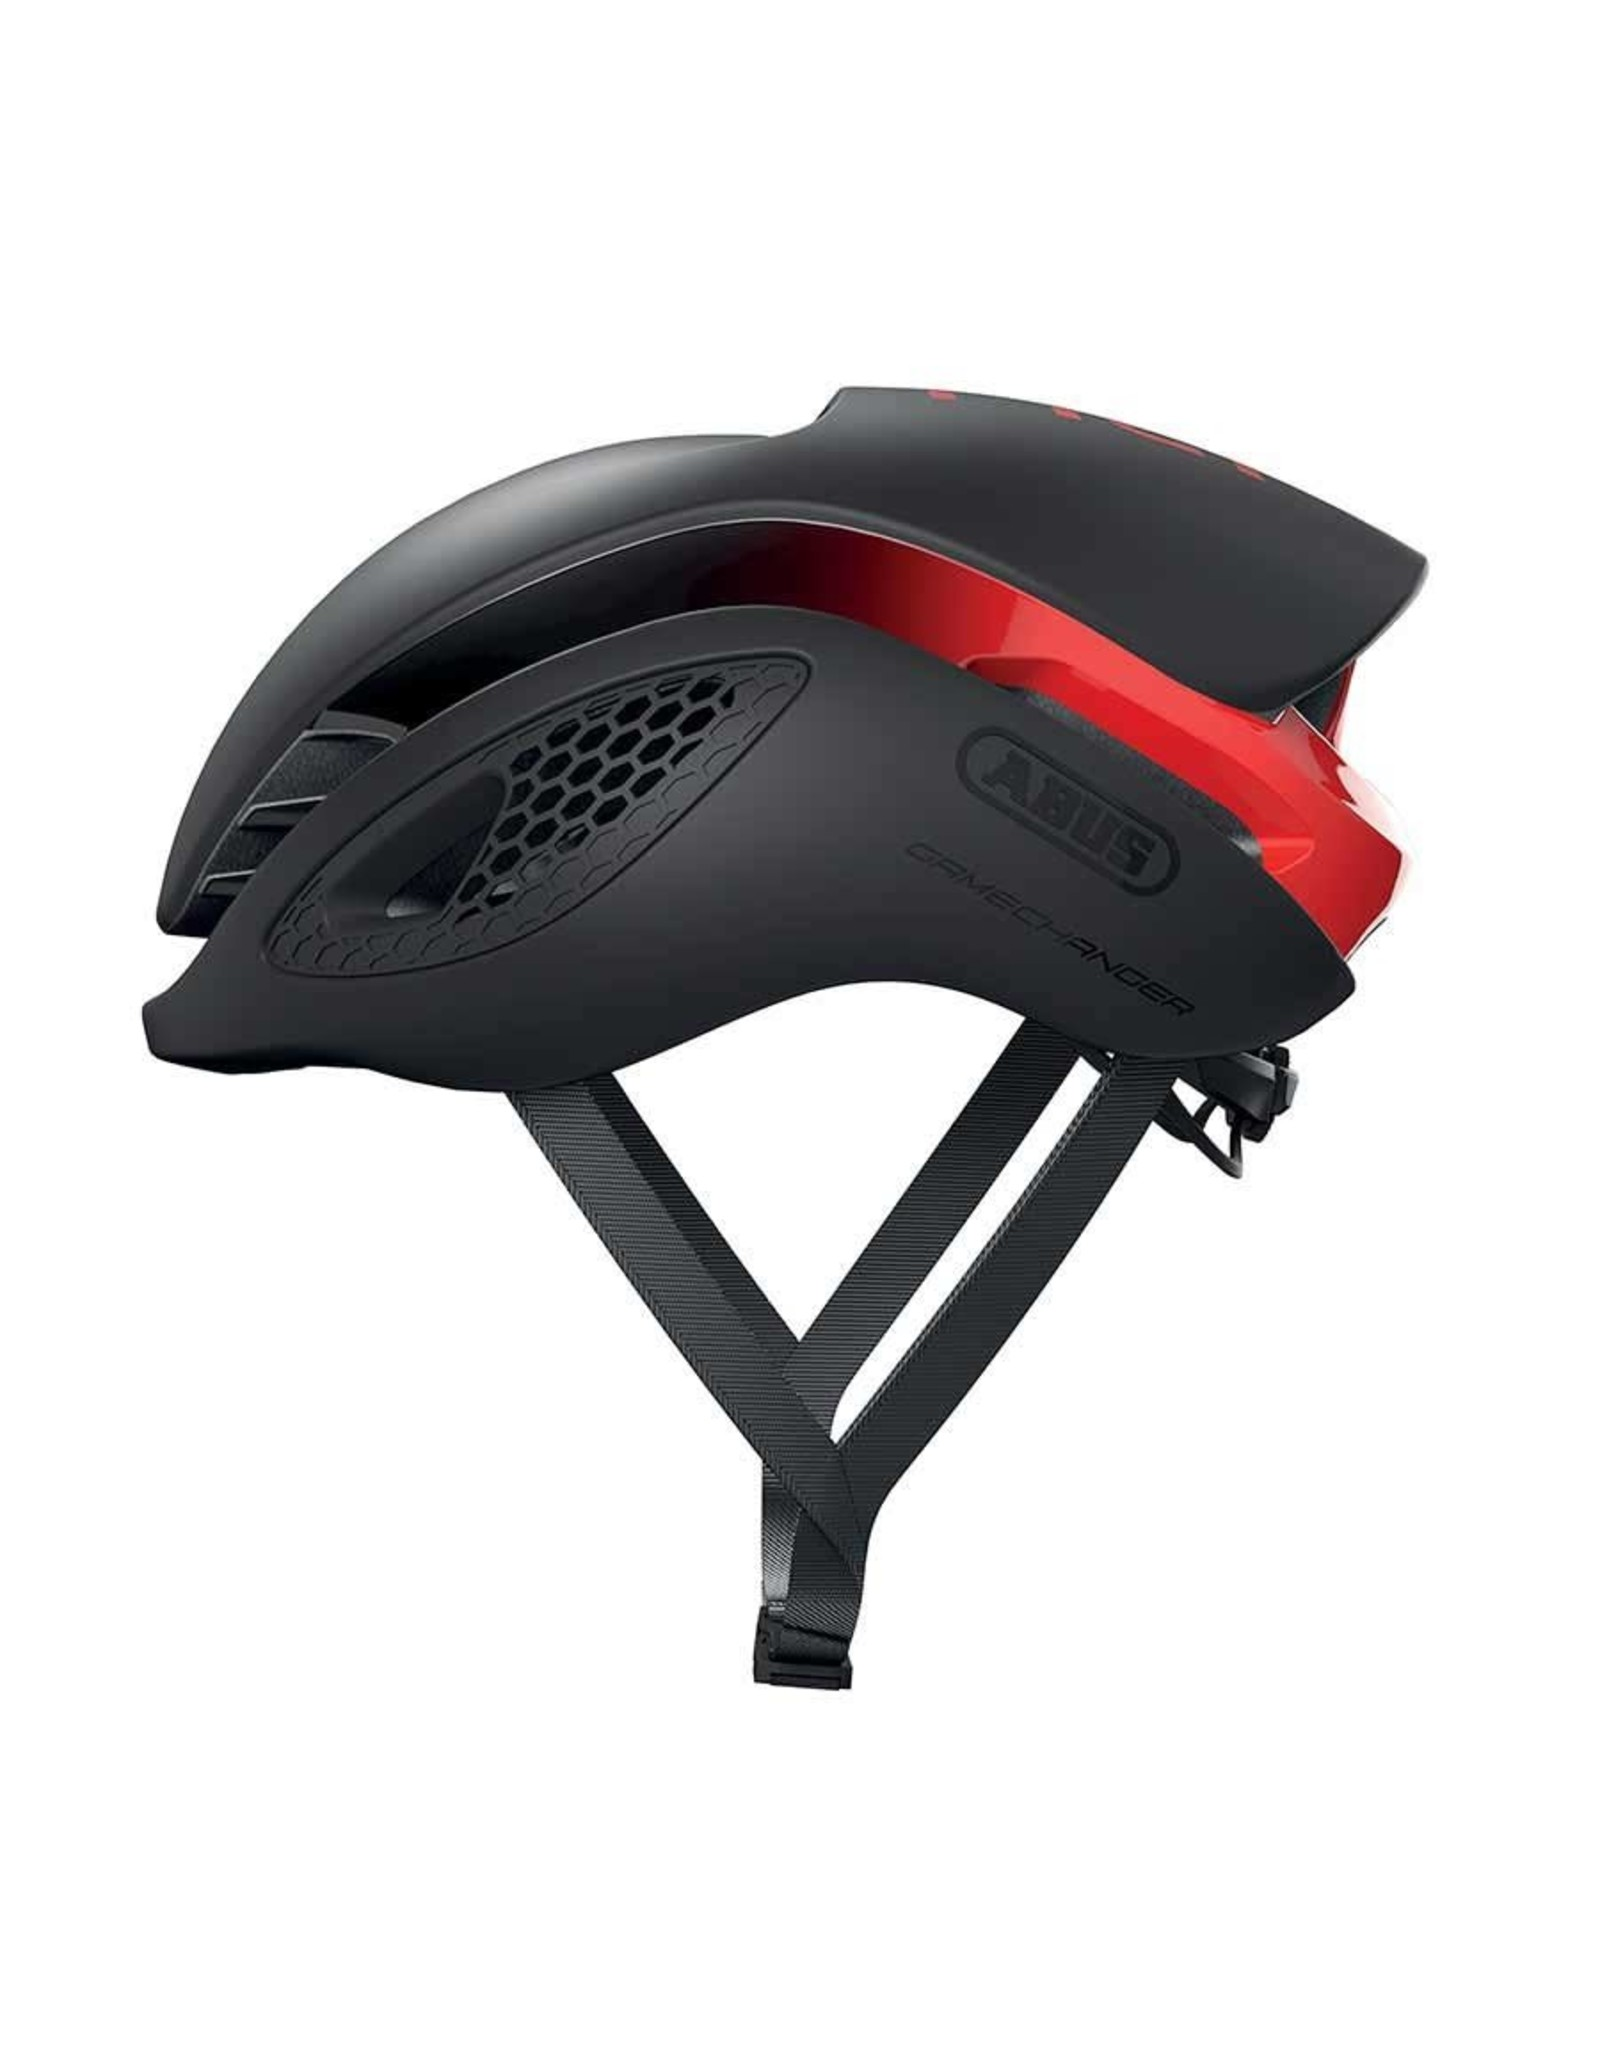 Abus ABUS, Gamechanger, Helmet